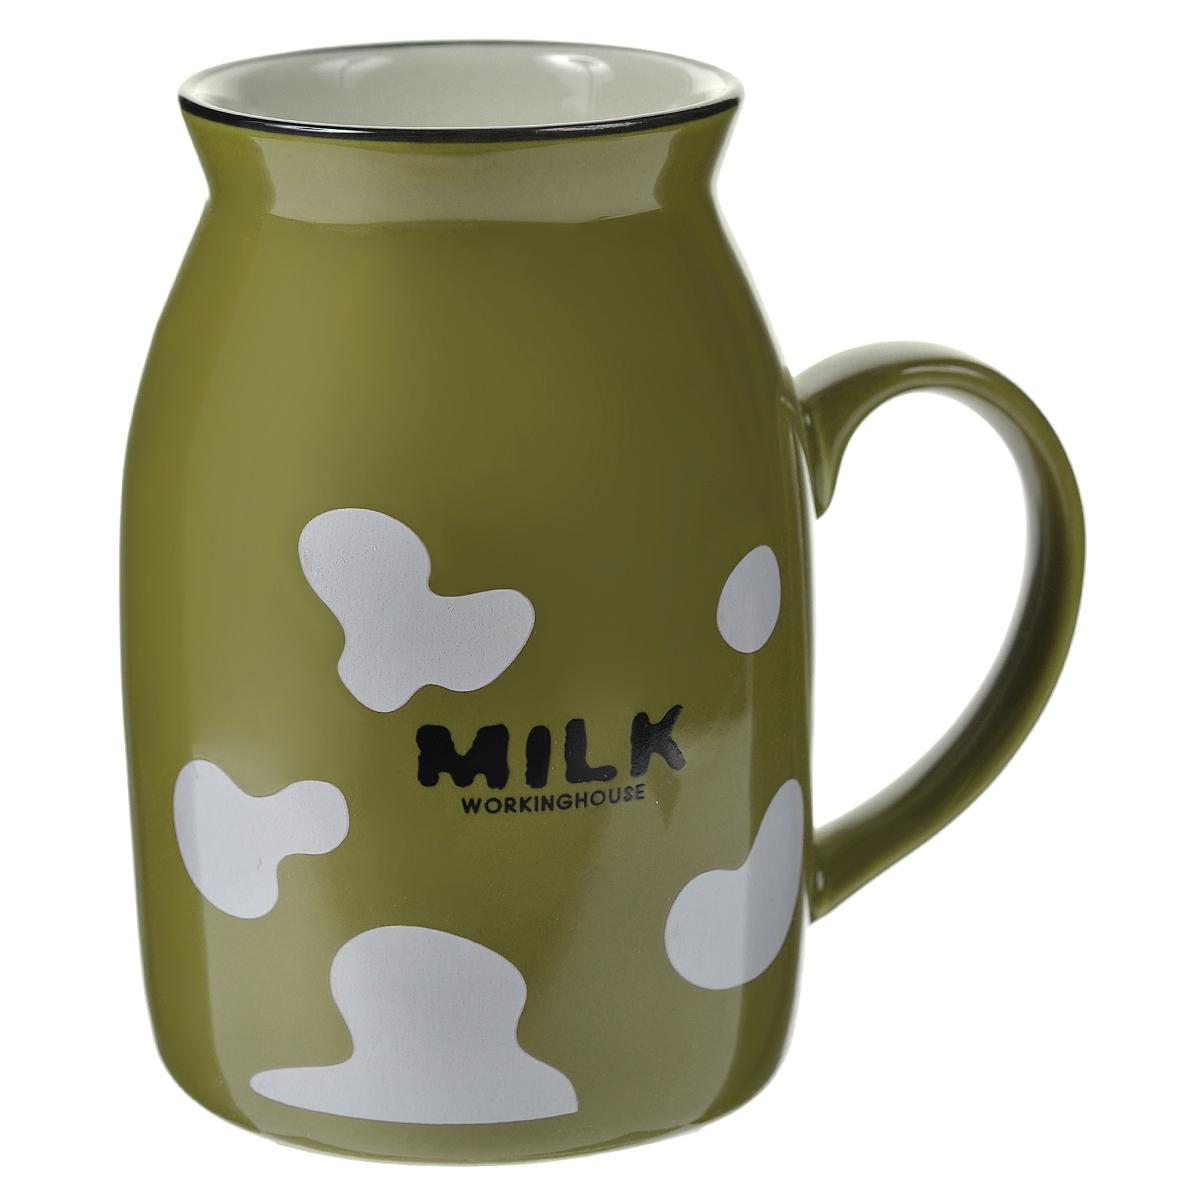 Кружка Milk, цвет: зеленый003065Оригинальная кружка Milk, выполненная из керамики, станет отличным подарком для человека, ценящего забавные и практичные подарки. Кружка выполнена в виде бидона для молока. Такой подарок станет не только приятным, но и практичным сувениром, а оригинальный дизайн вызовет улыбку. Характеристики:Материал:керамика. Высота кружки:10 см. Диаметр по верхнему краю:5,5 см. Размер упаковки:10 см х 7,5 см х 11 см. Артикул:003065.